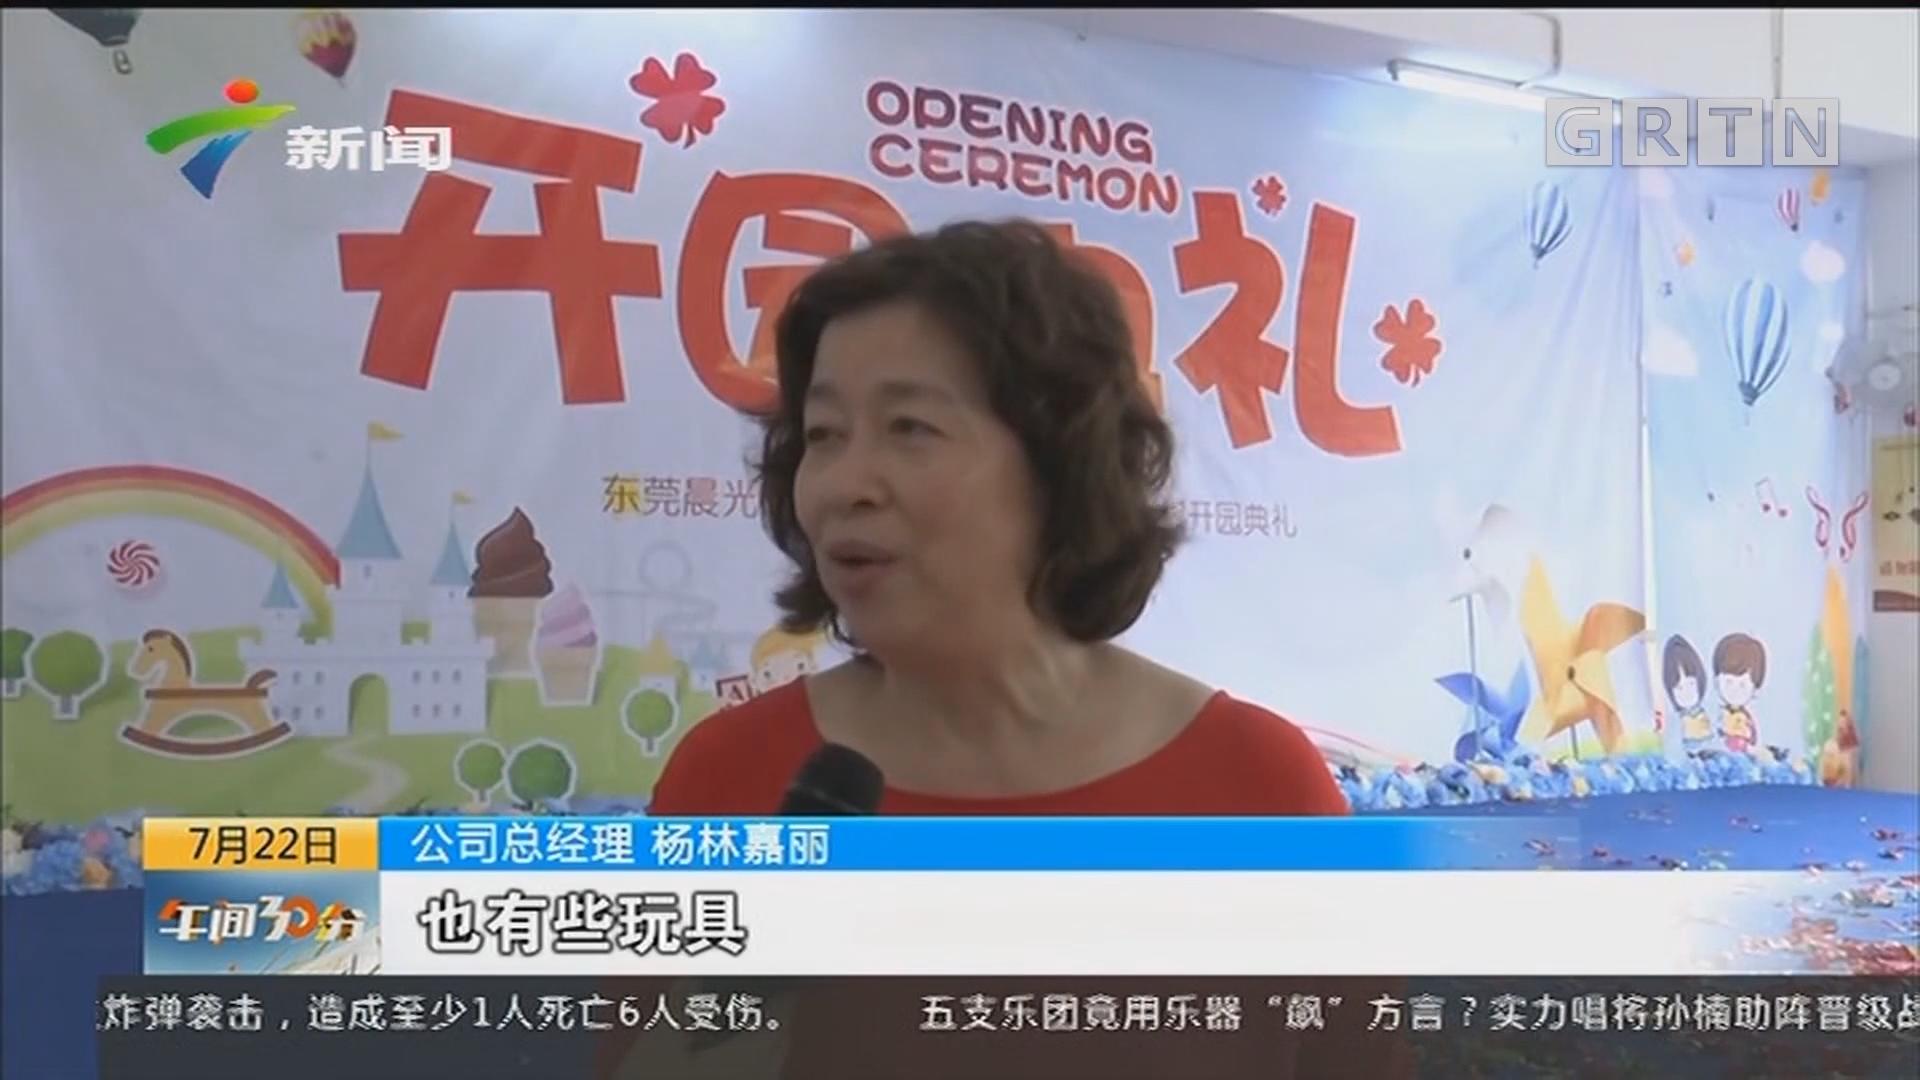 东莞:企业社区开办暑假班免费托管员工子女